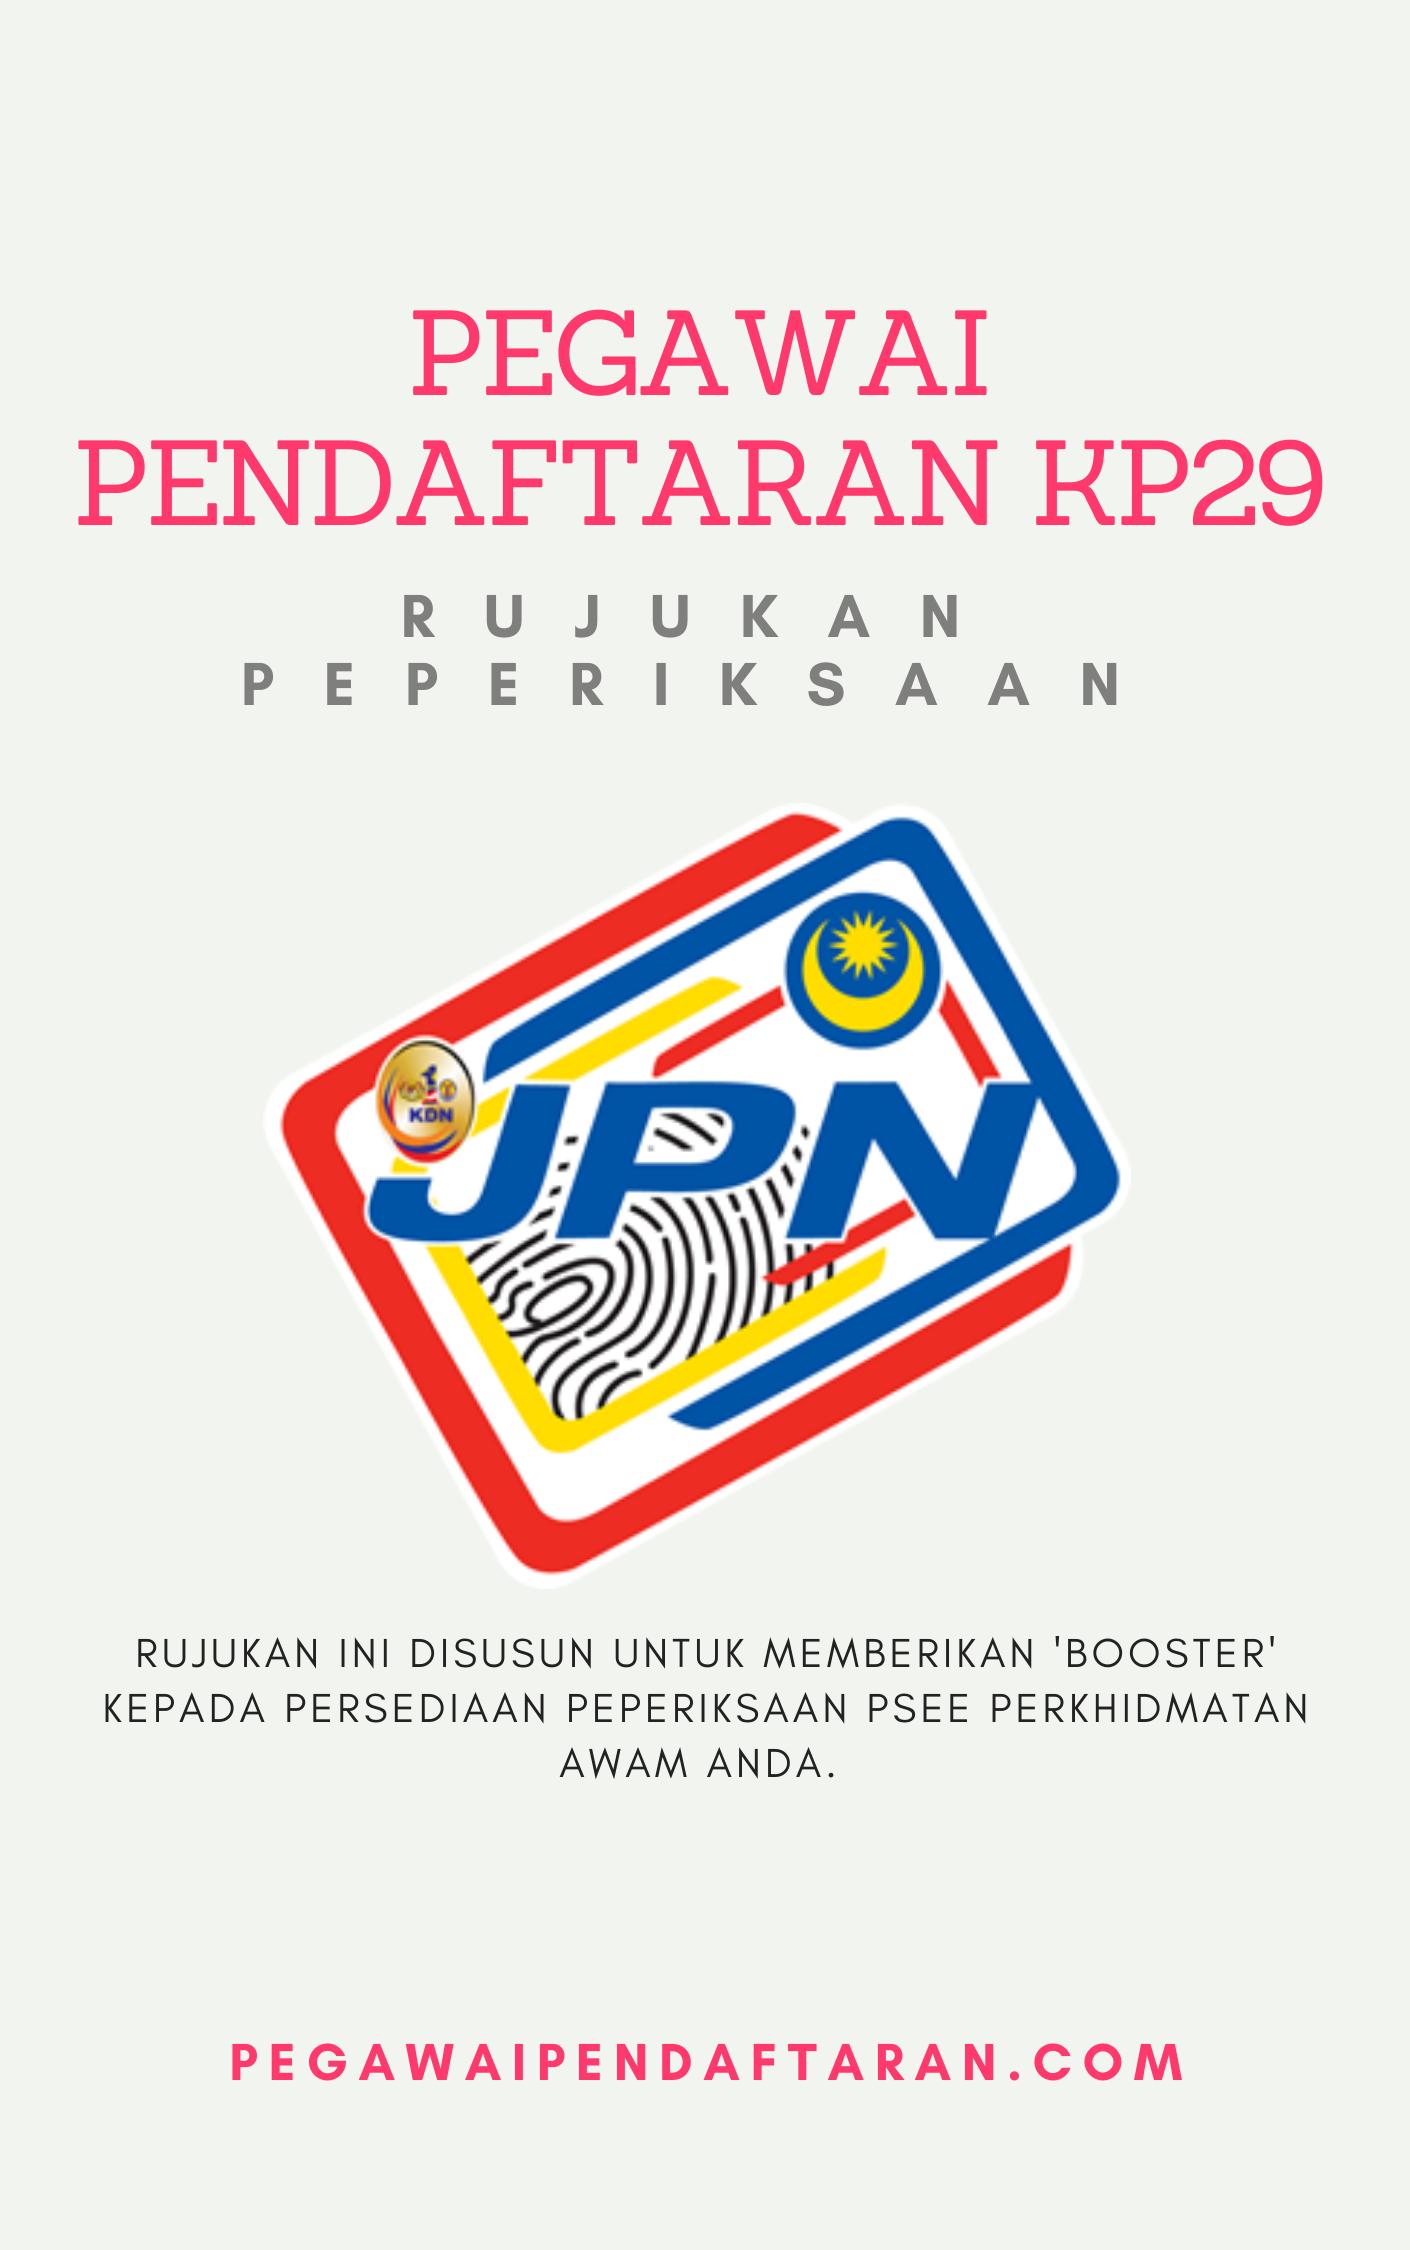 Soalan Peperiksaan Penolong Pegawai Pendaftaran Kp29 Kerja Kosong Kerajaan